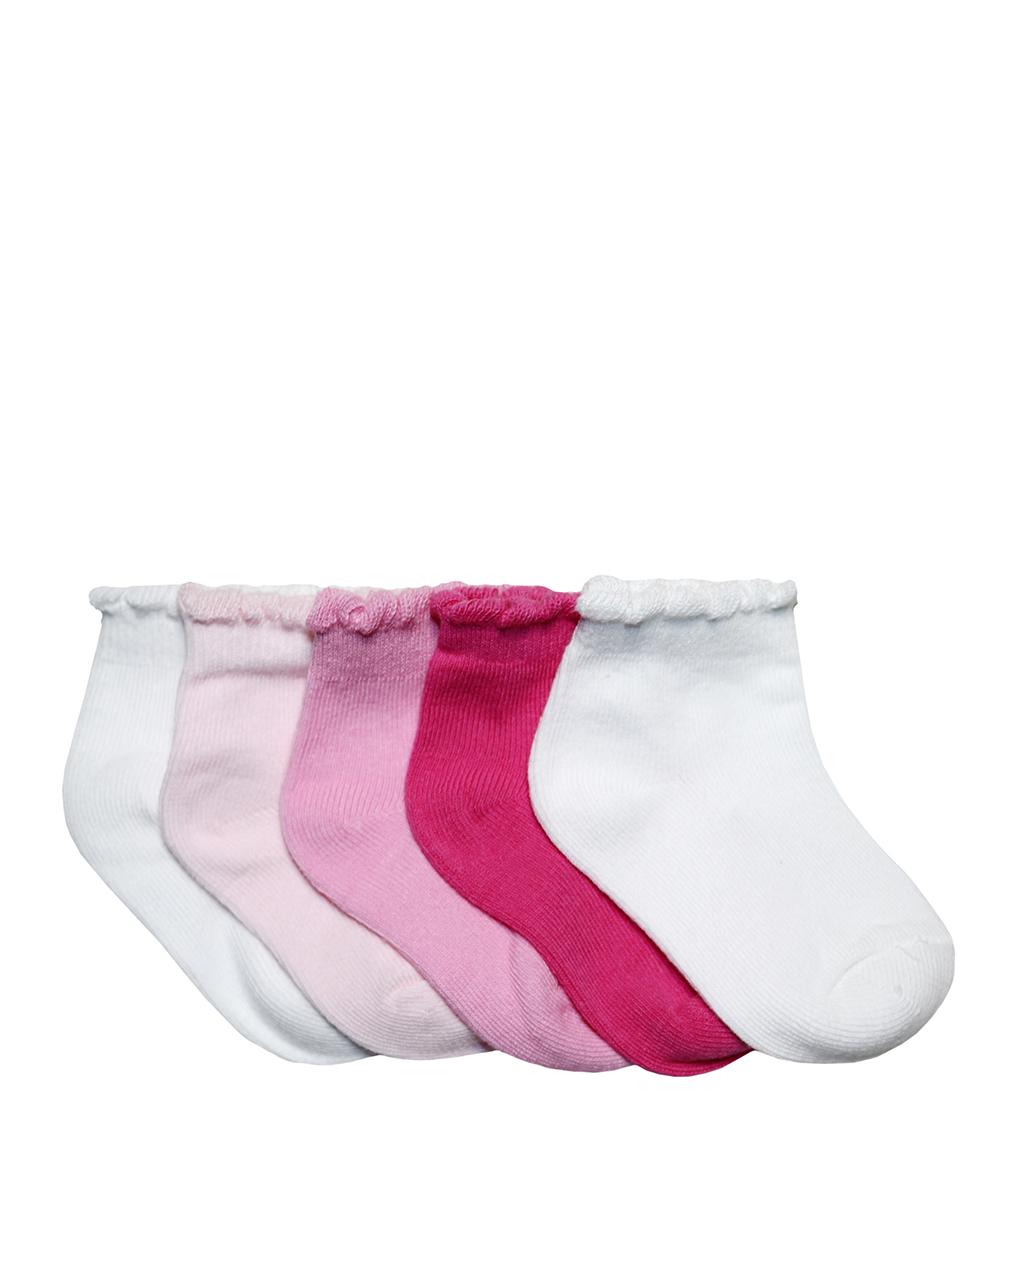 Κάλτσες Κοντές Πακέτο Χ5 Χρωματιστές για Κορίτσι